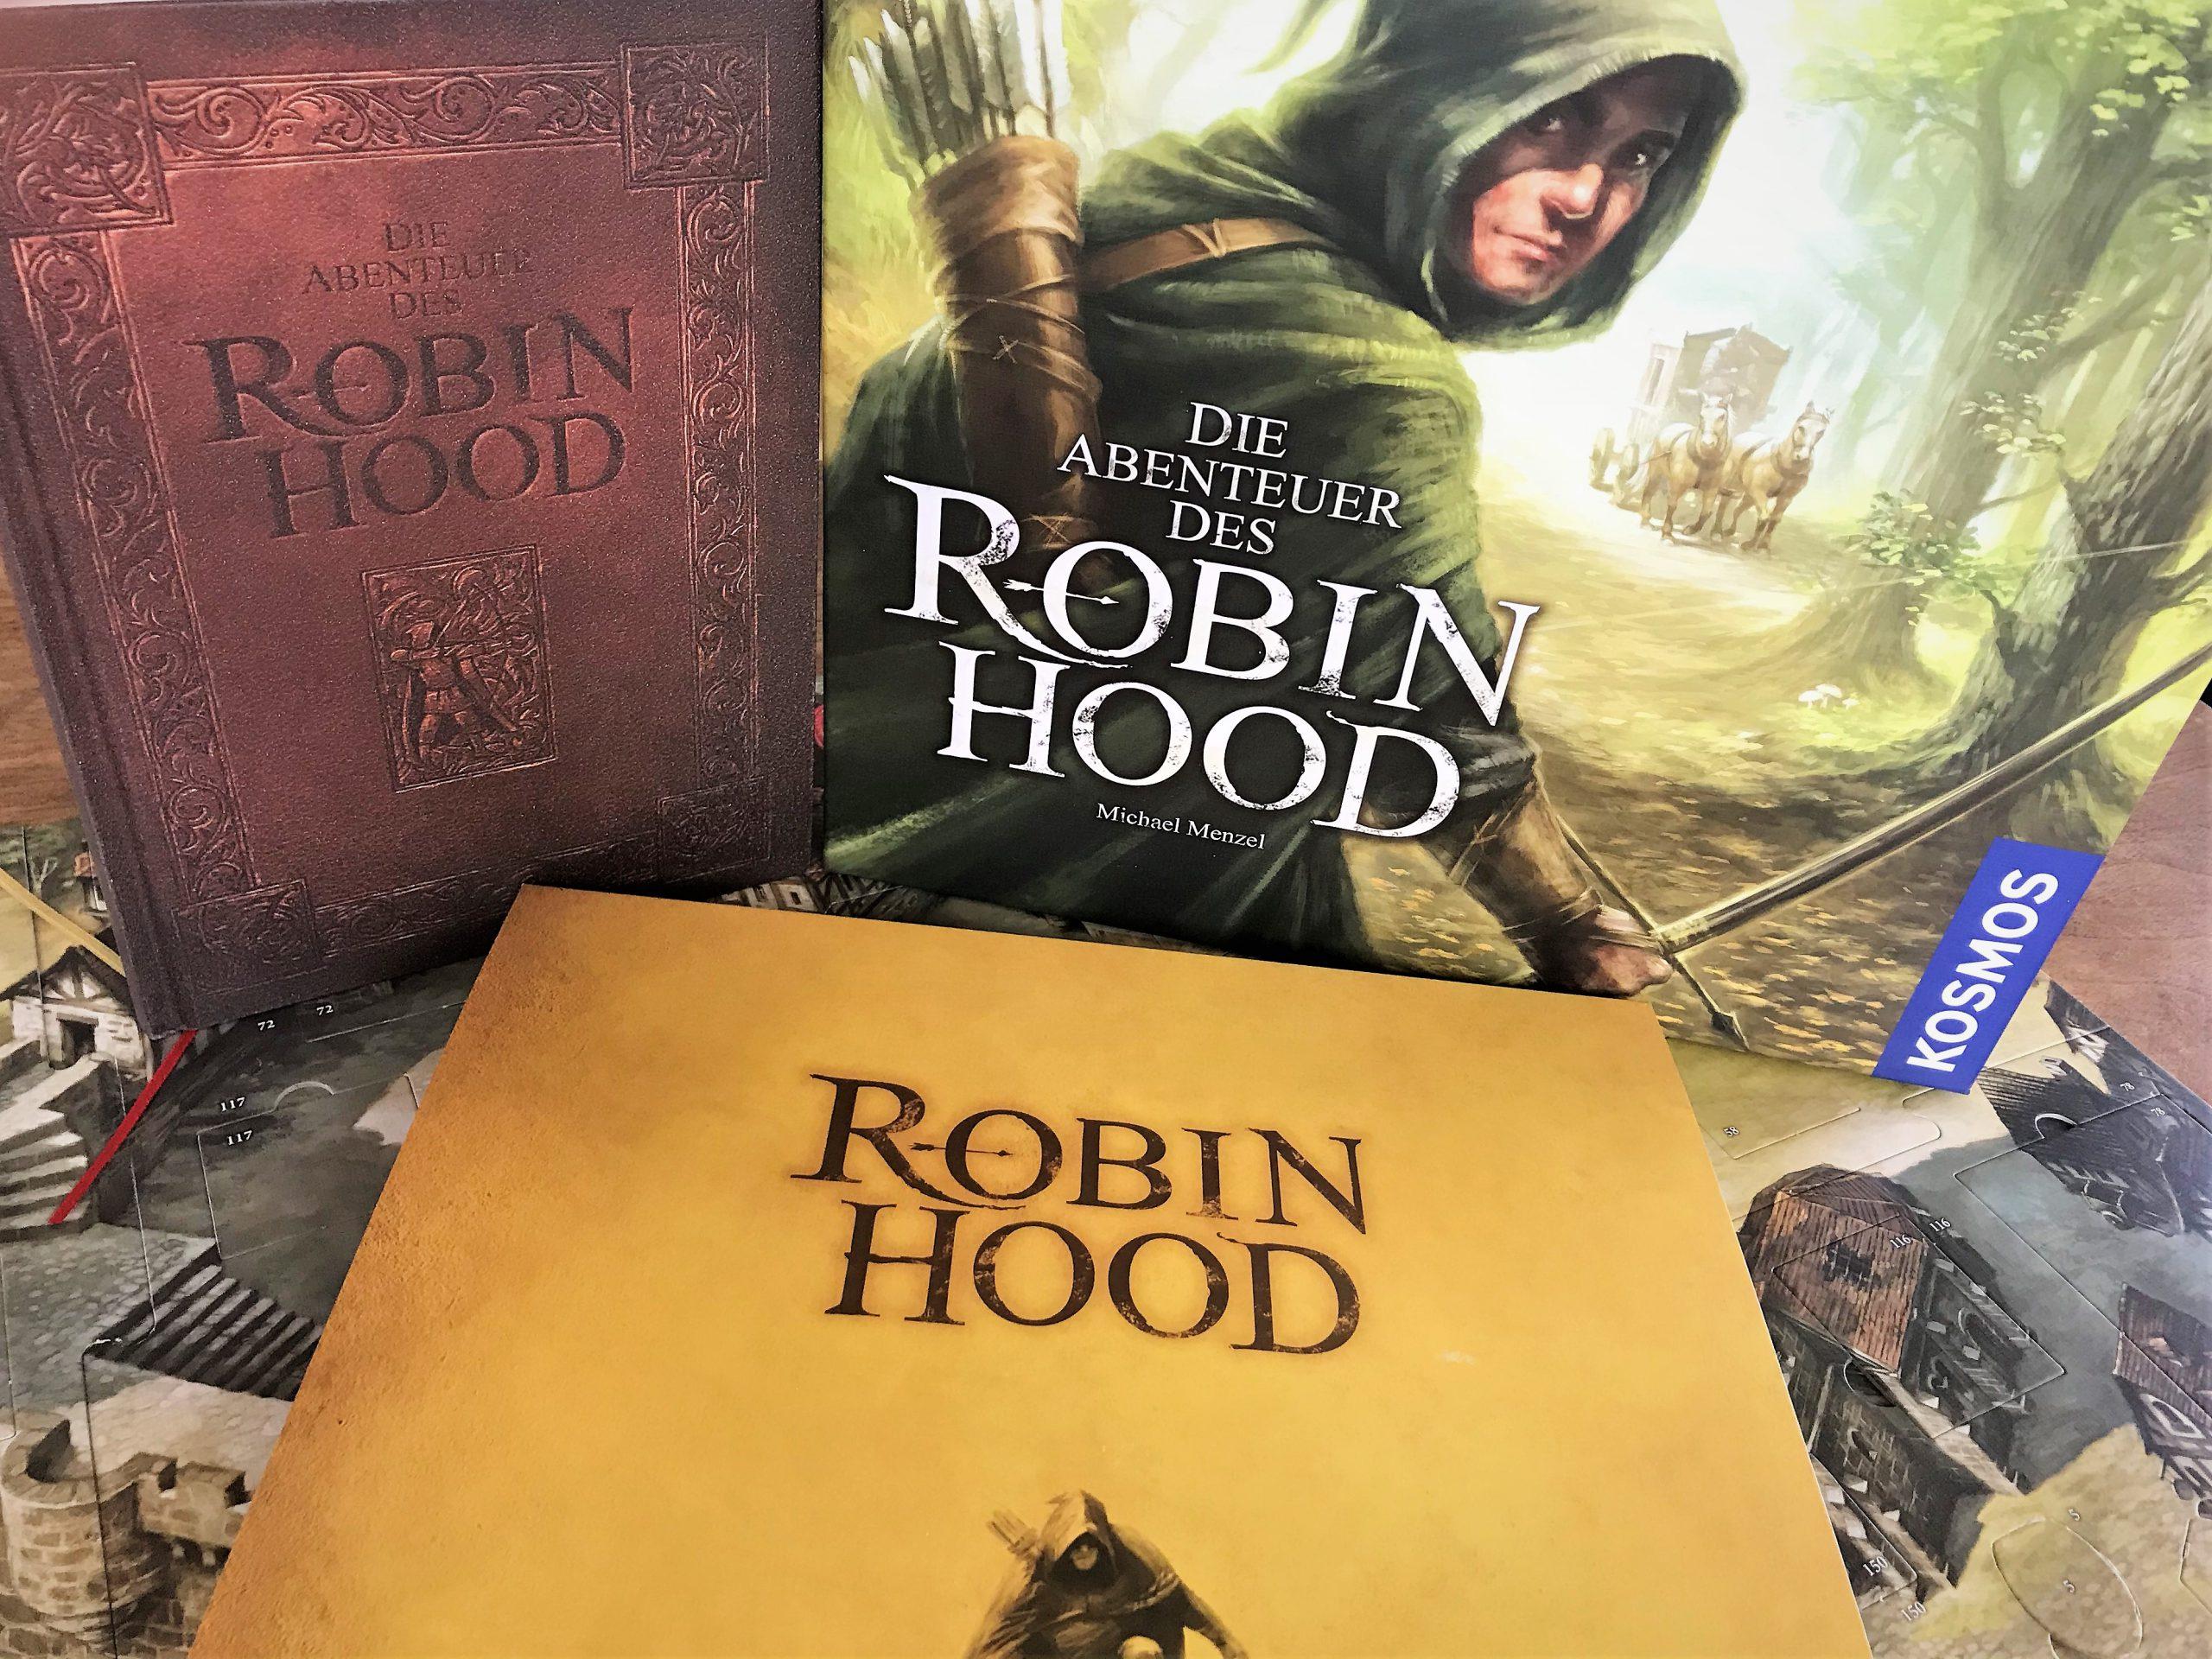 EIn Block auf die Schachtel, das Abenteuerbuch und den Schuber des Spielplans.